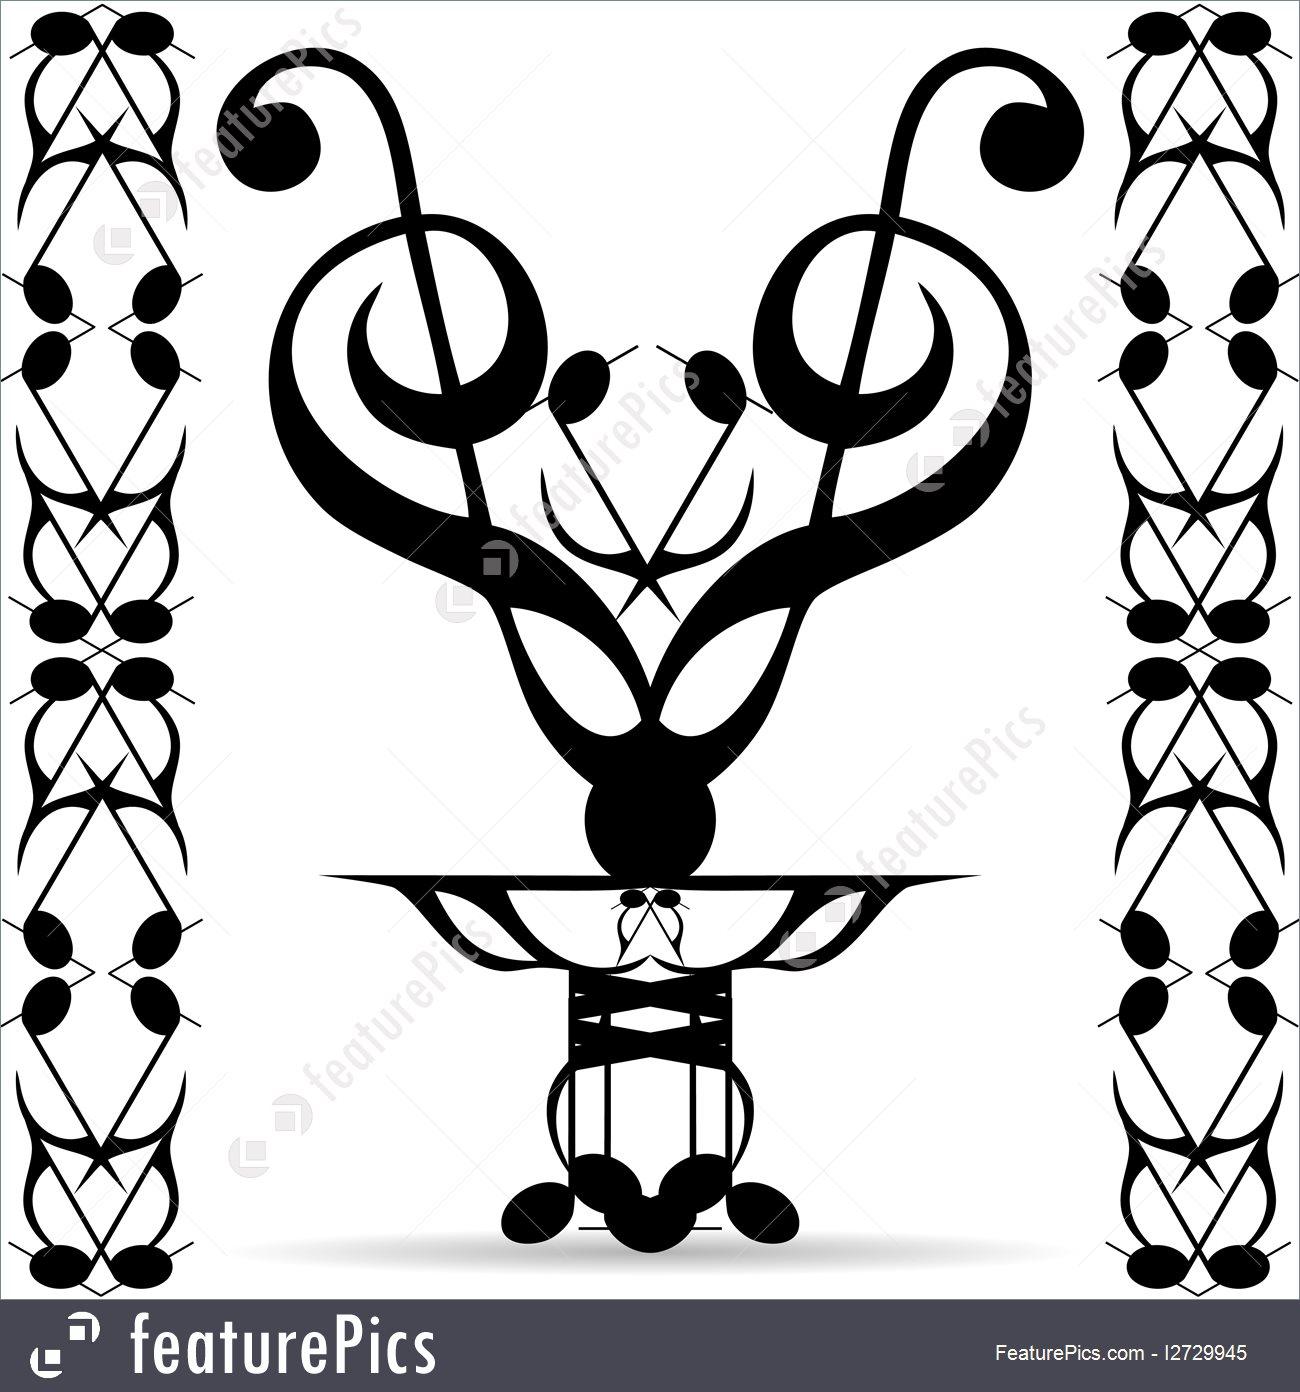 1300x1392 Emblems And Symbols Tribal Art Elements